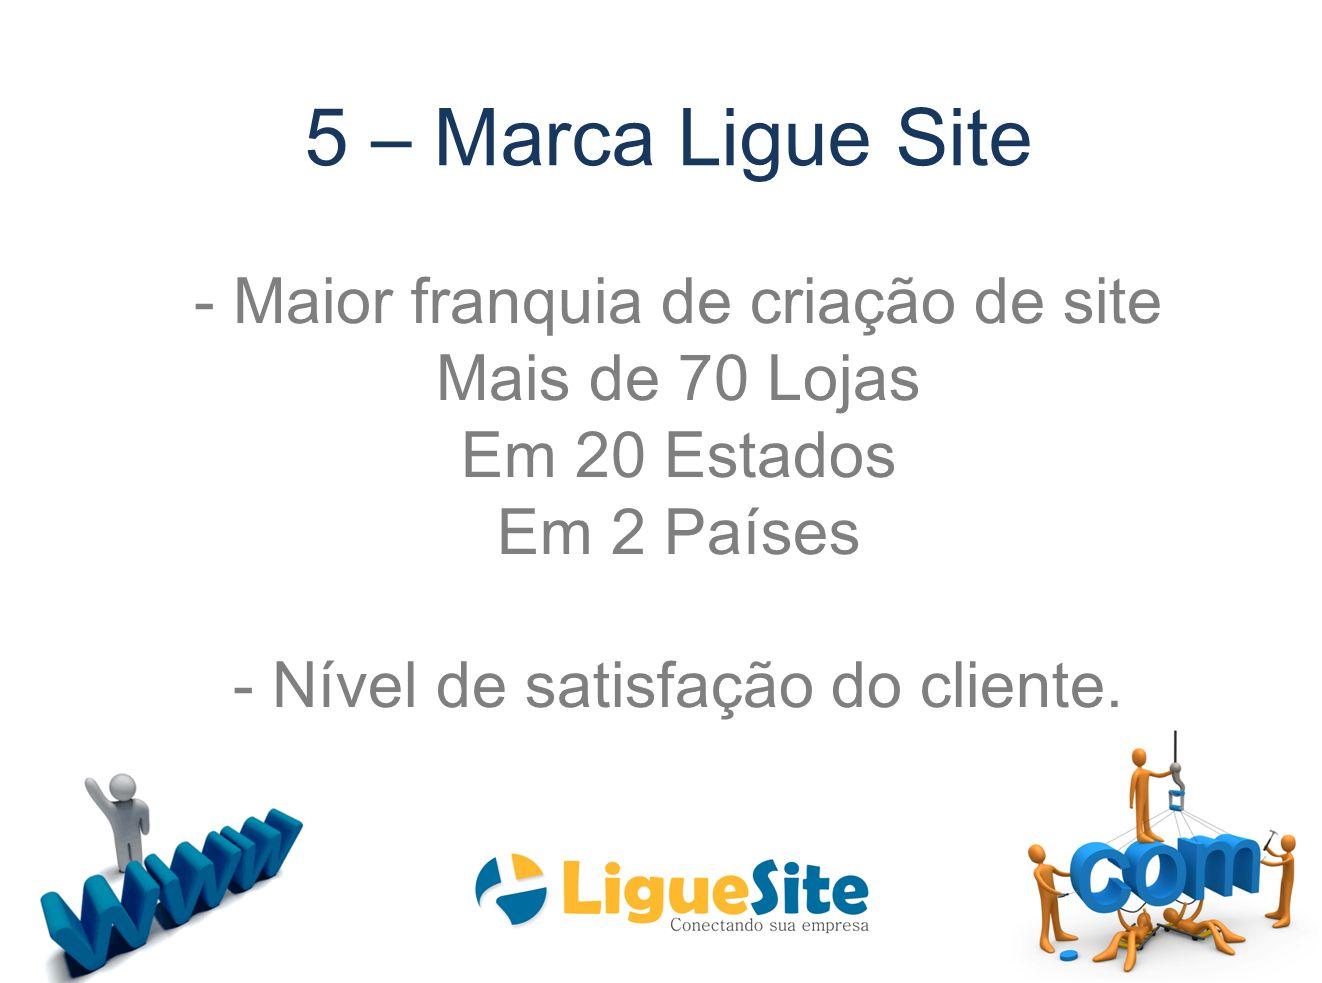 5 – Marca Ligue Site - Maior franquia de criação de site